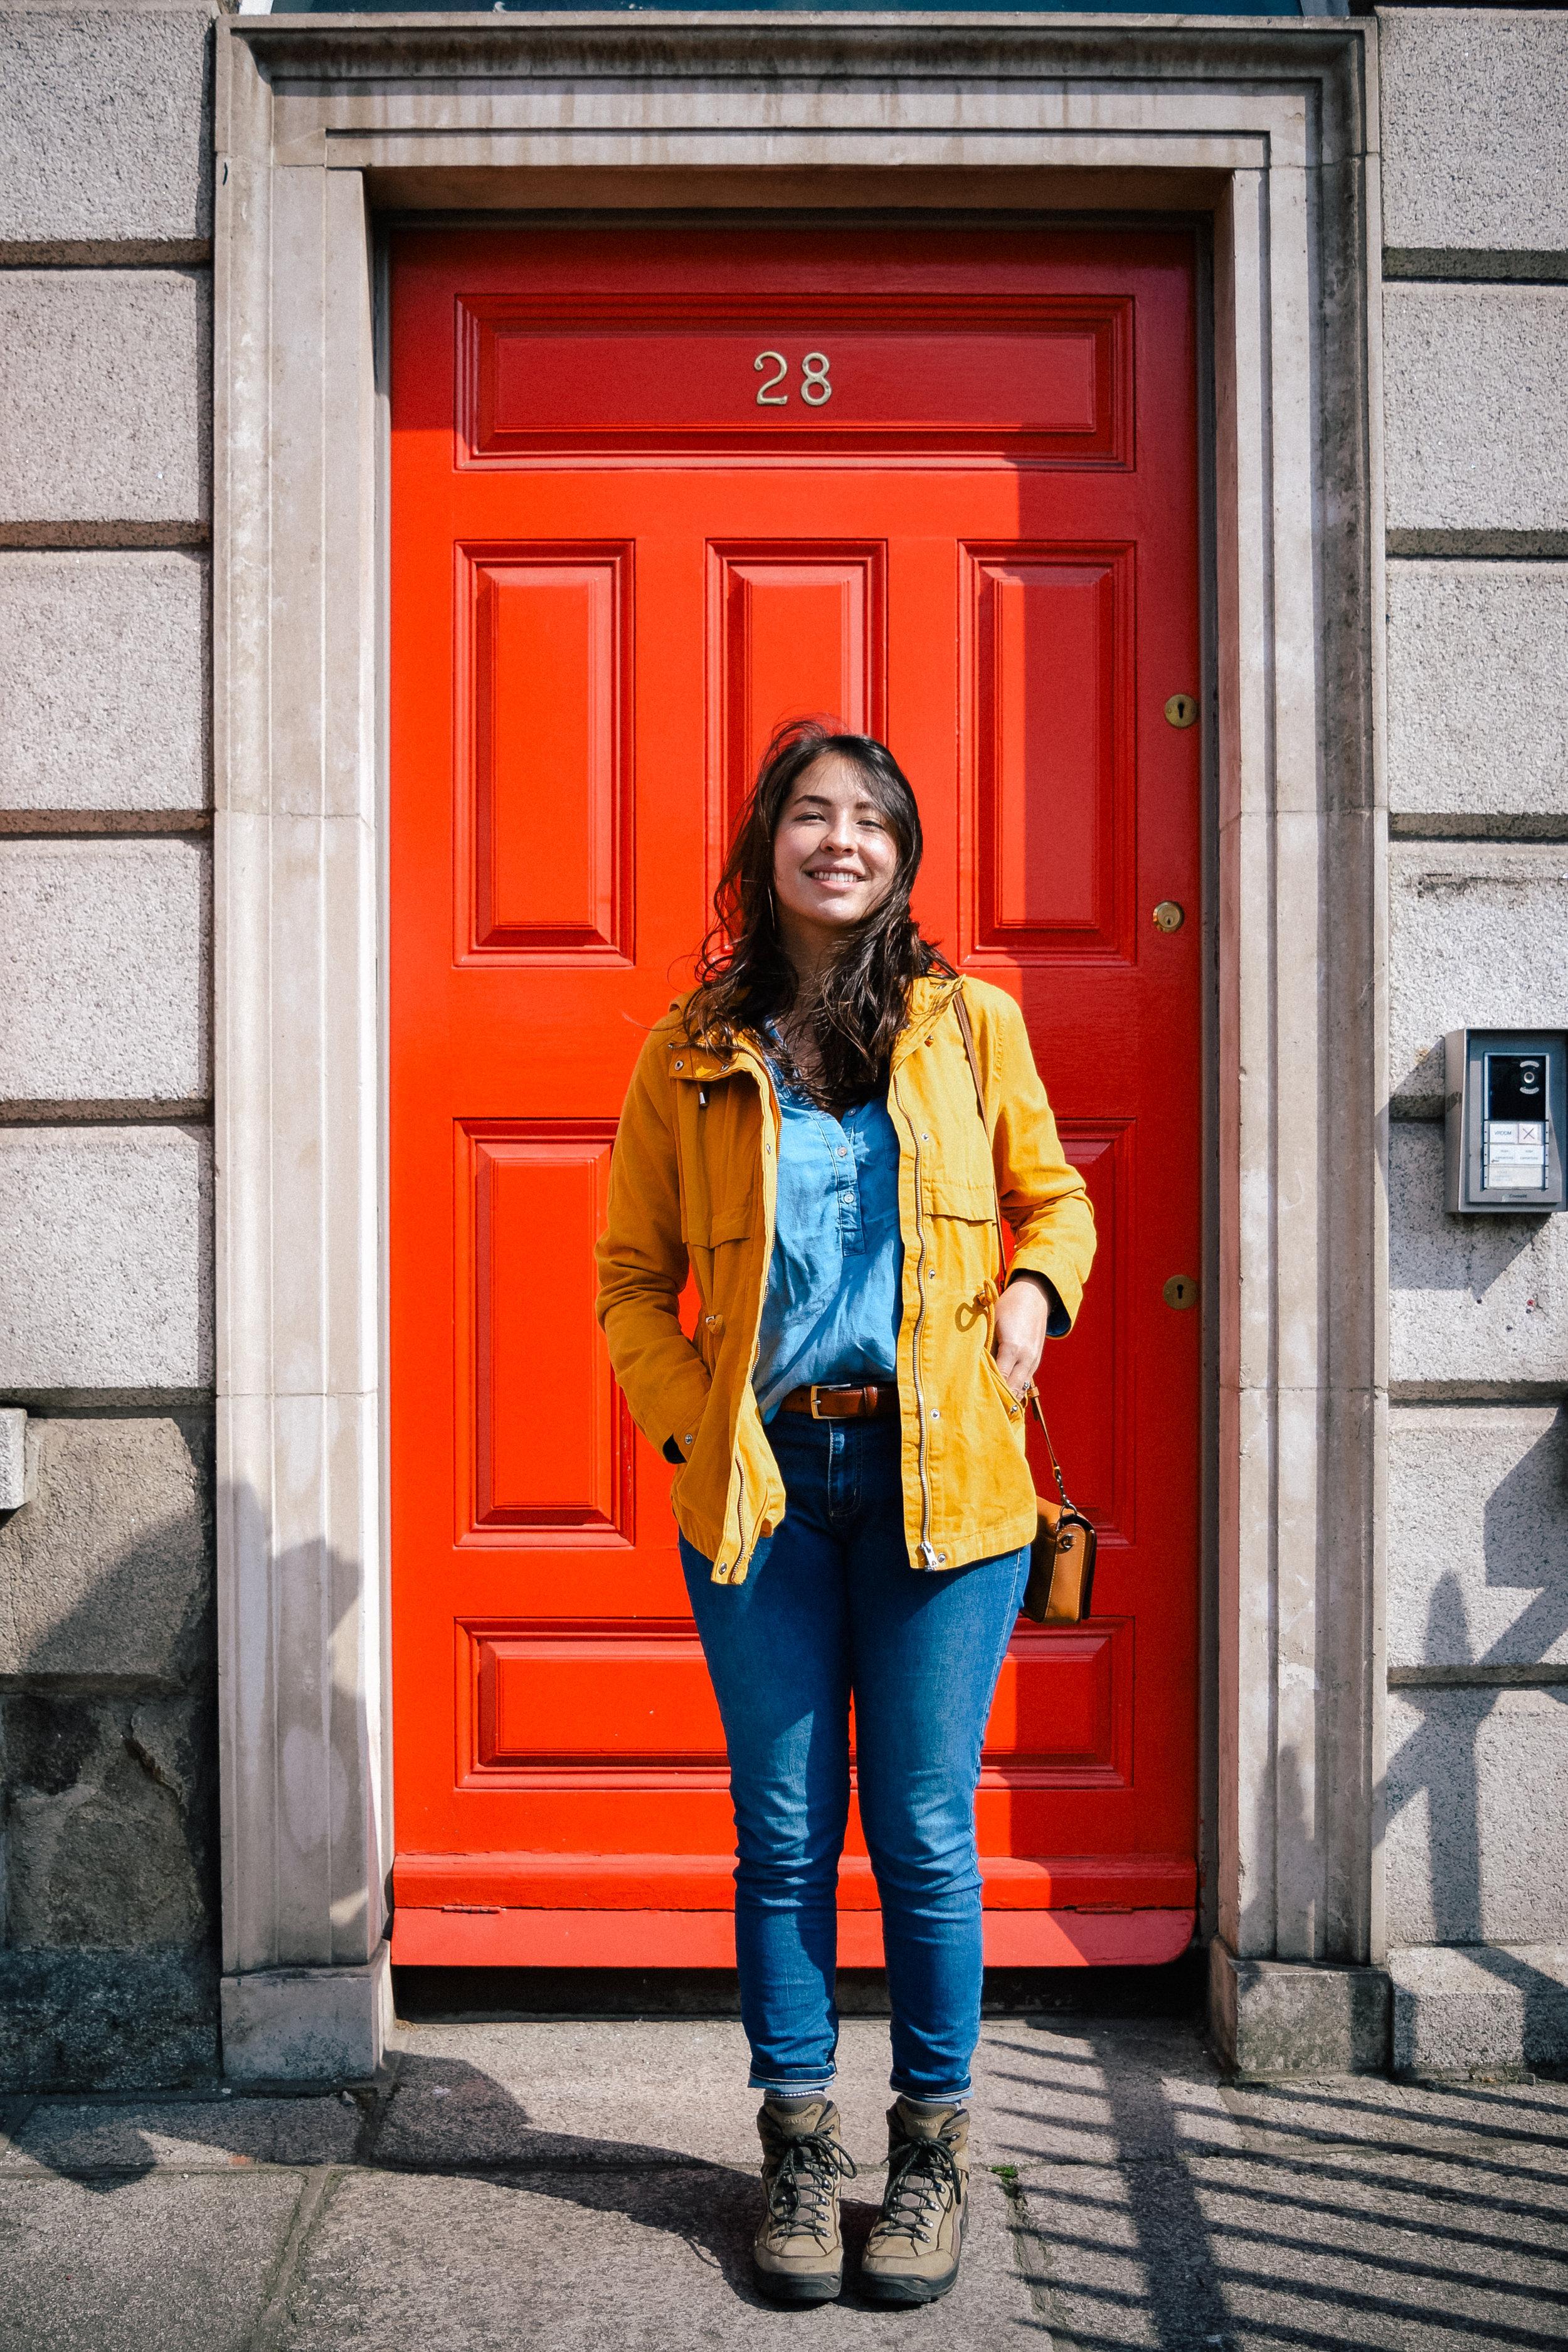 A red door in Dublin